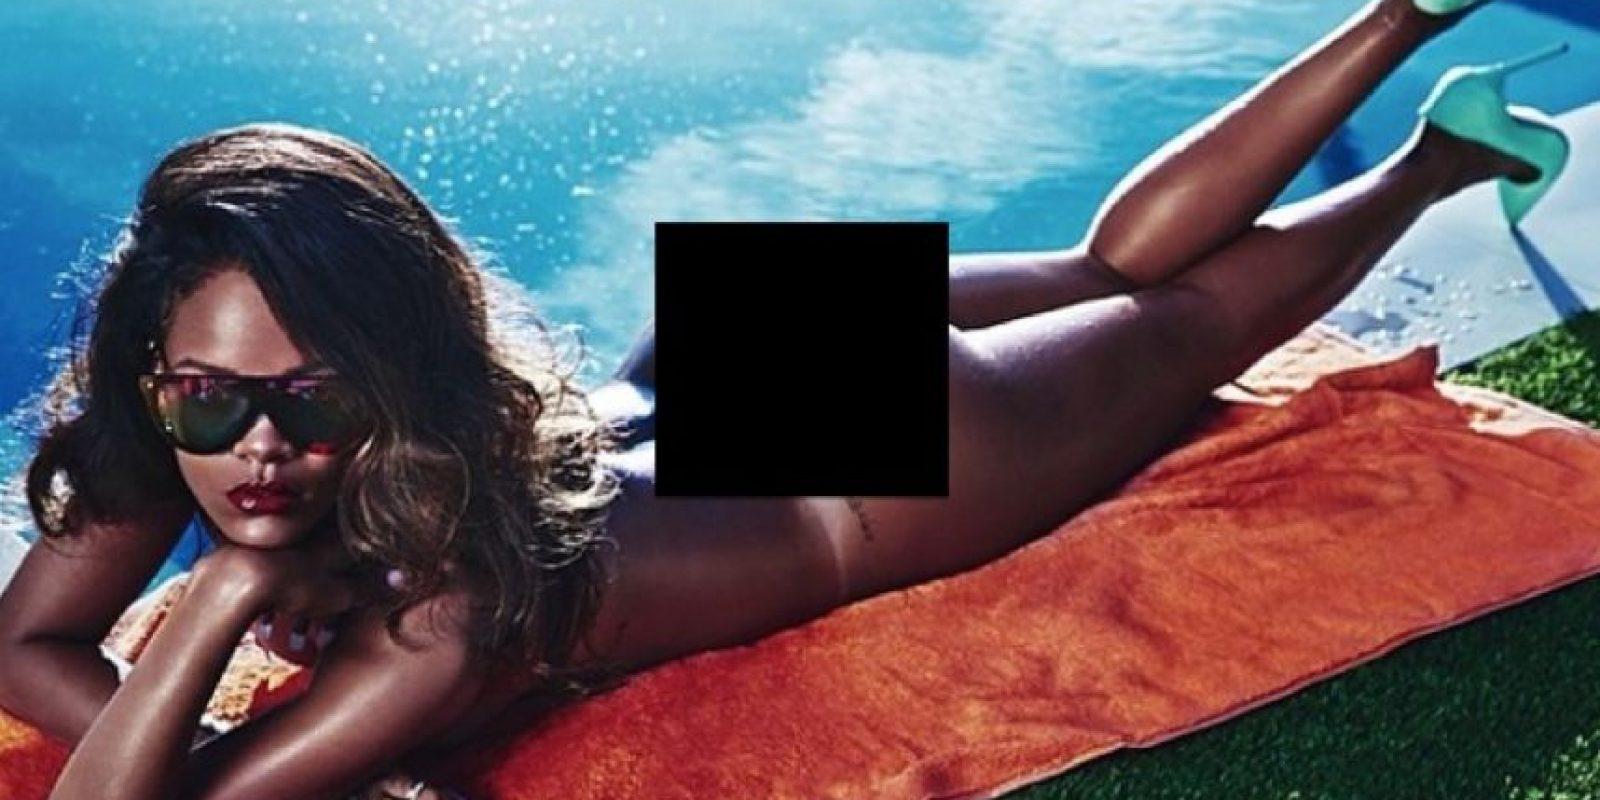 Hasta ahora, la cantante de Barbados no se ha desnudado para esa revista, pero lo ha hecho para otras. Foto:Lui Magazine / BadGalRiri vía Twitter